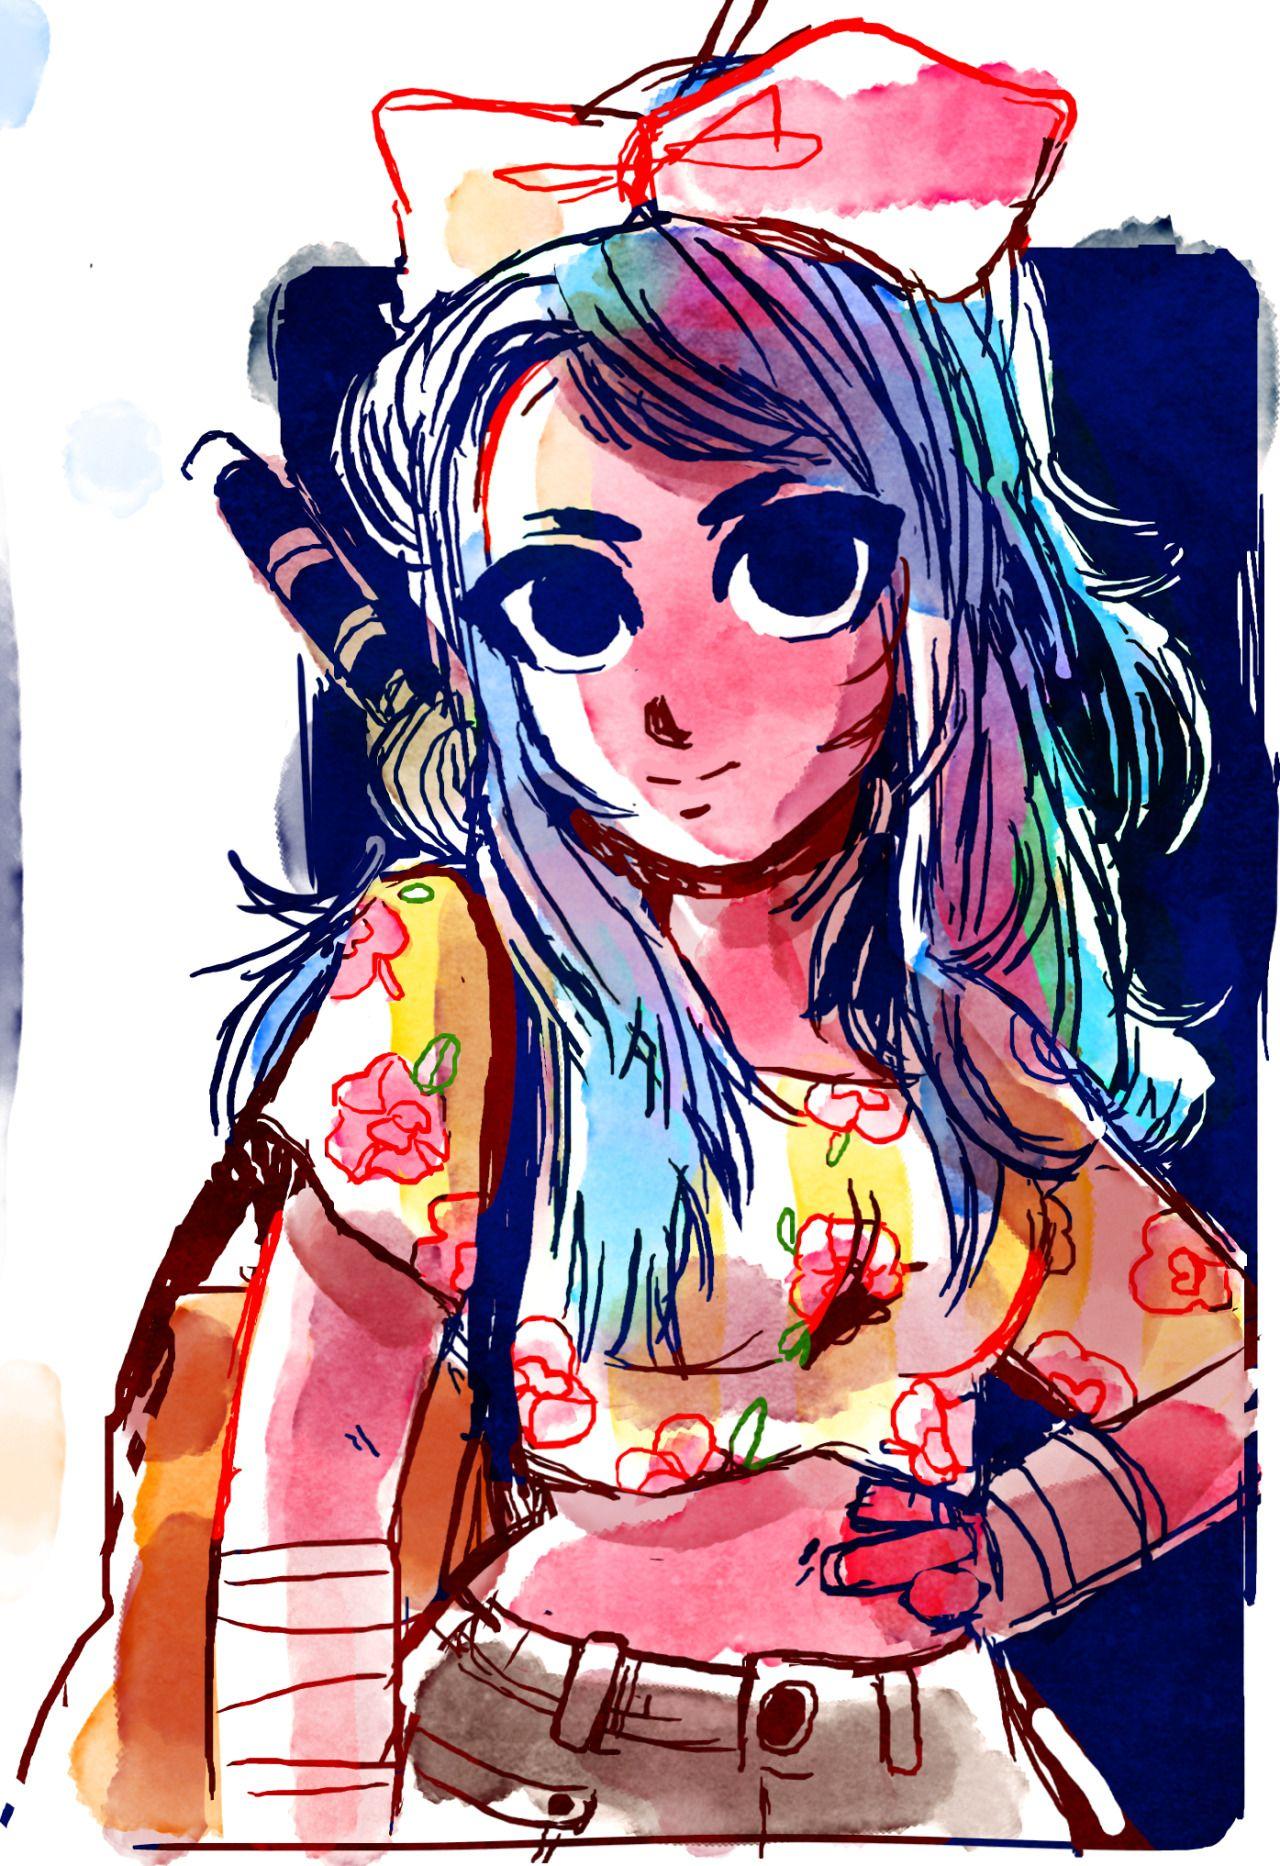 Character Design Magazine : Maysketchaday based off some japanese fashion magazine